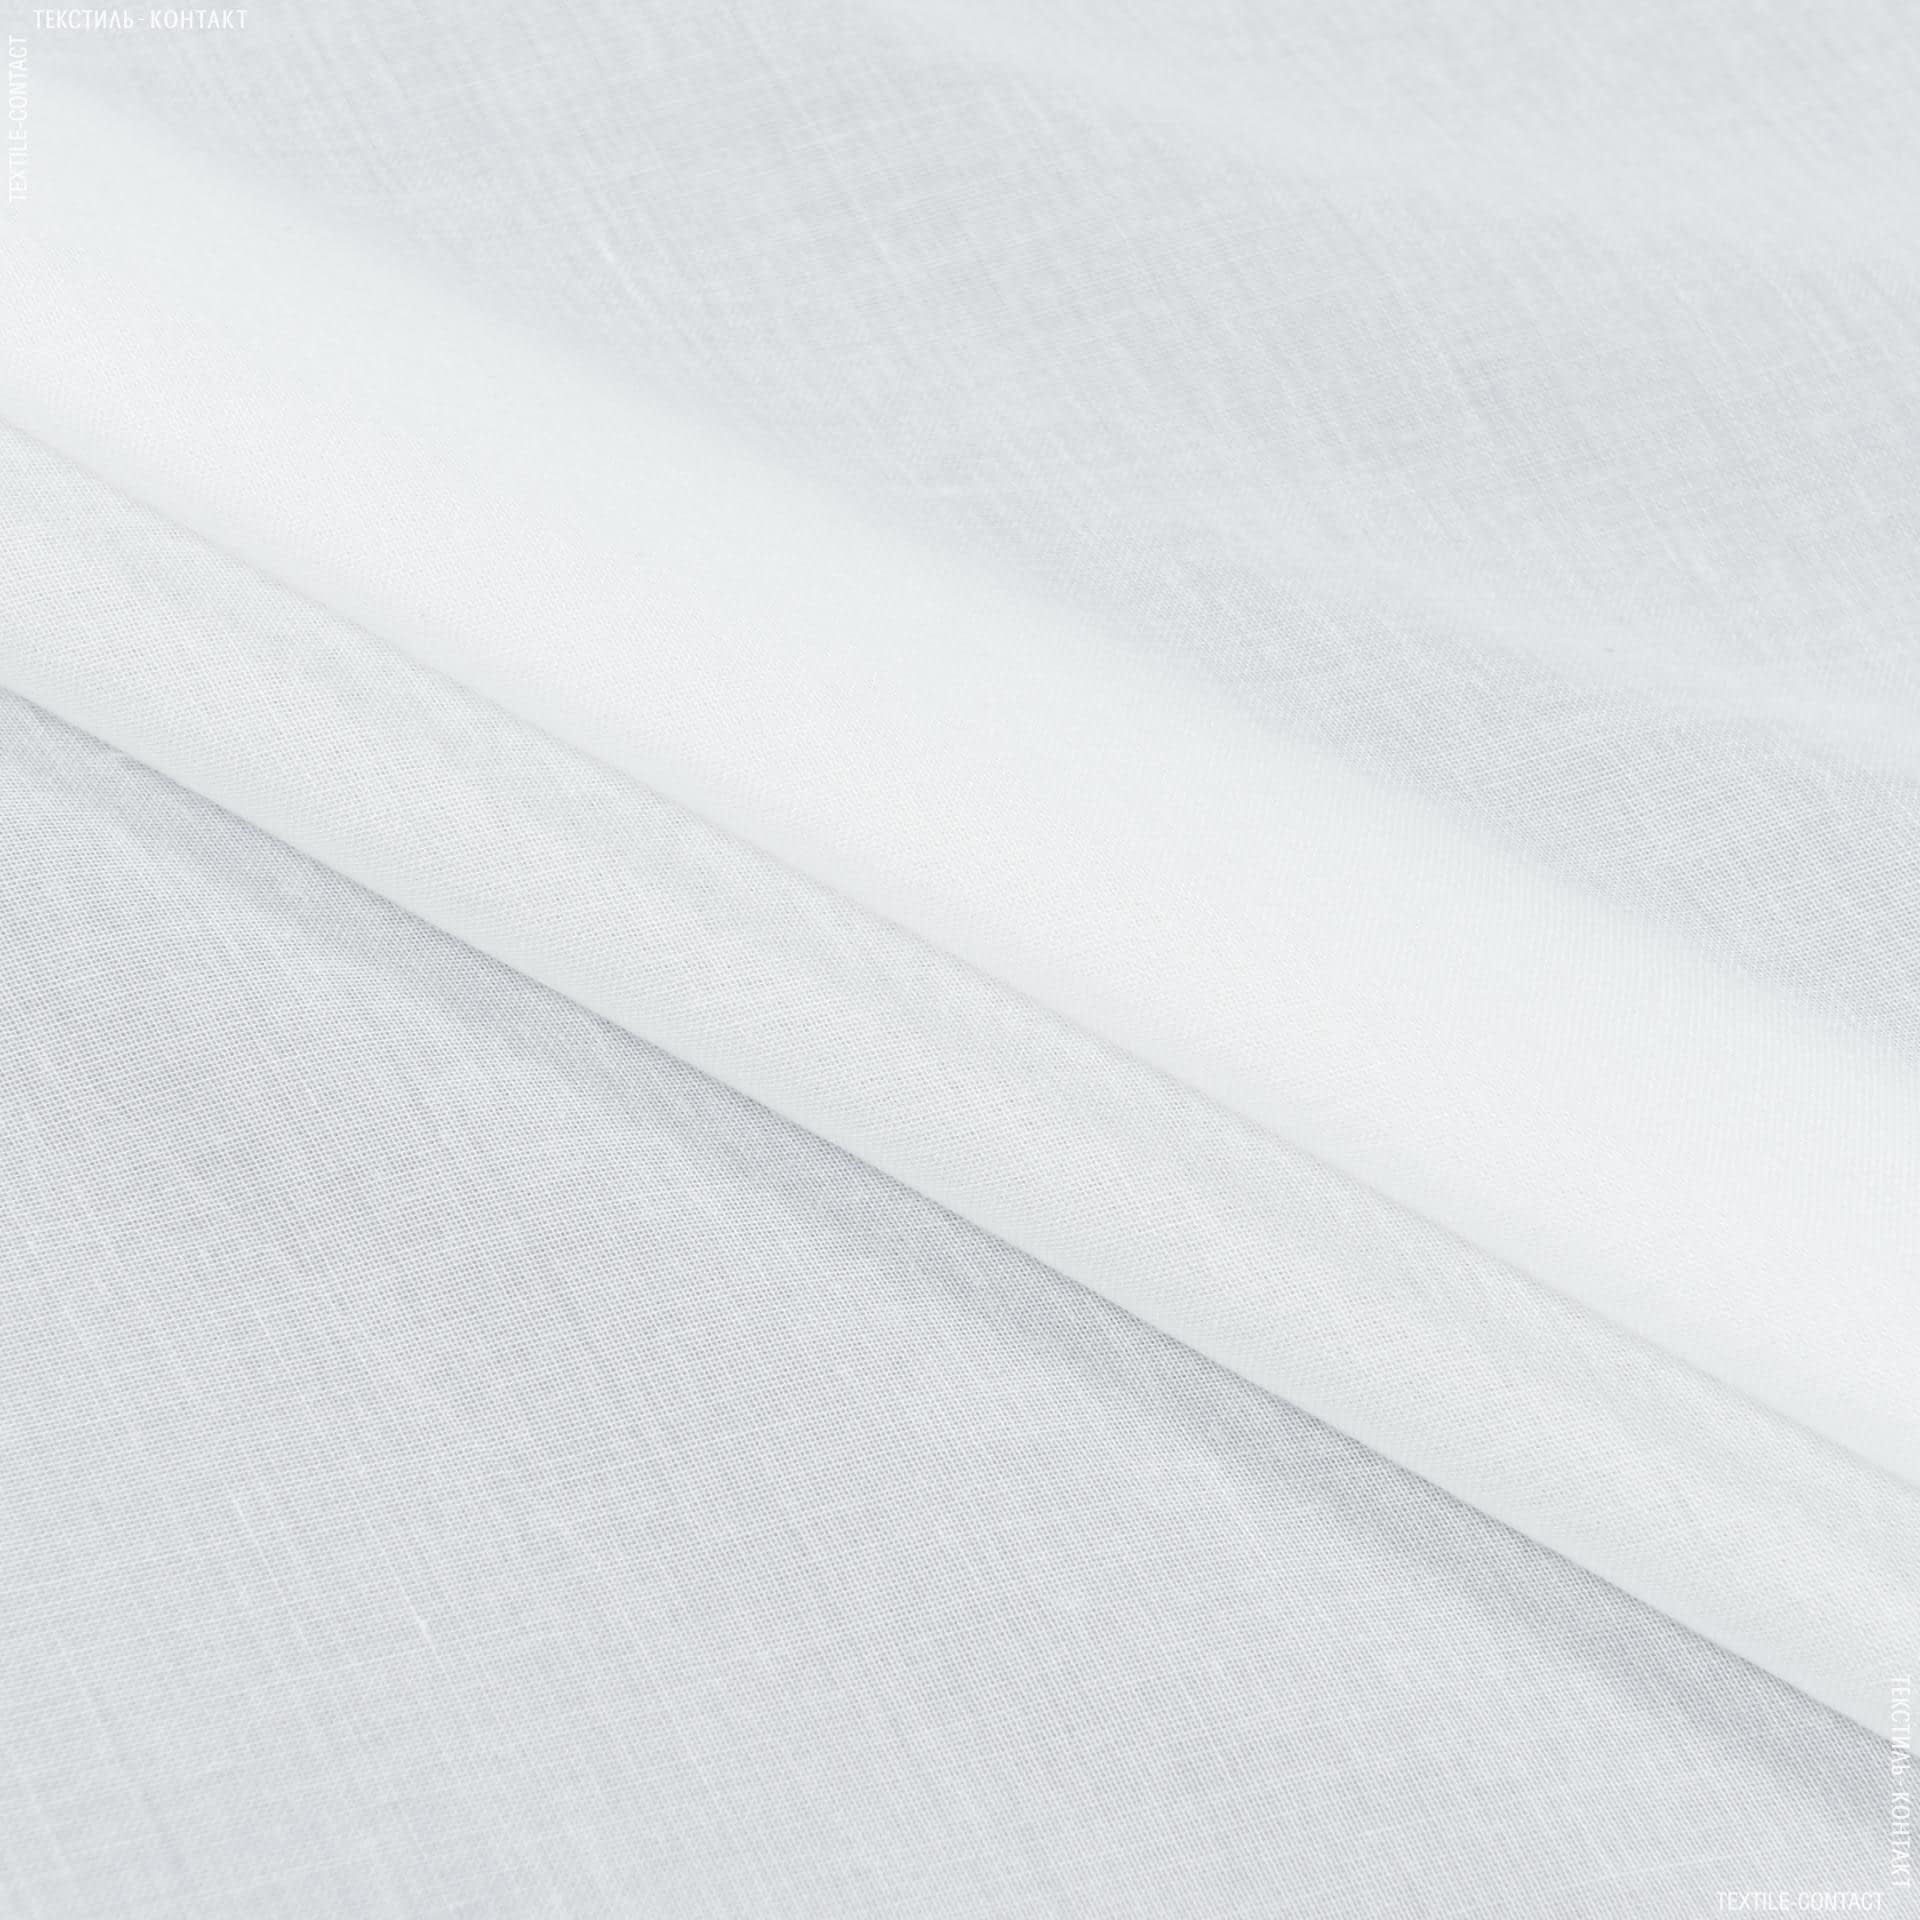 Тканини для драпірування стін і стель - Тюль батист фантазія молочний з обважнювачем